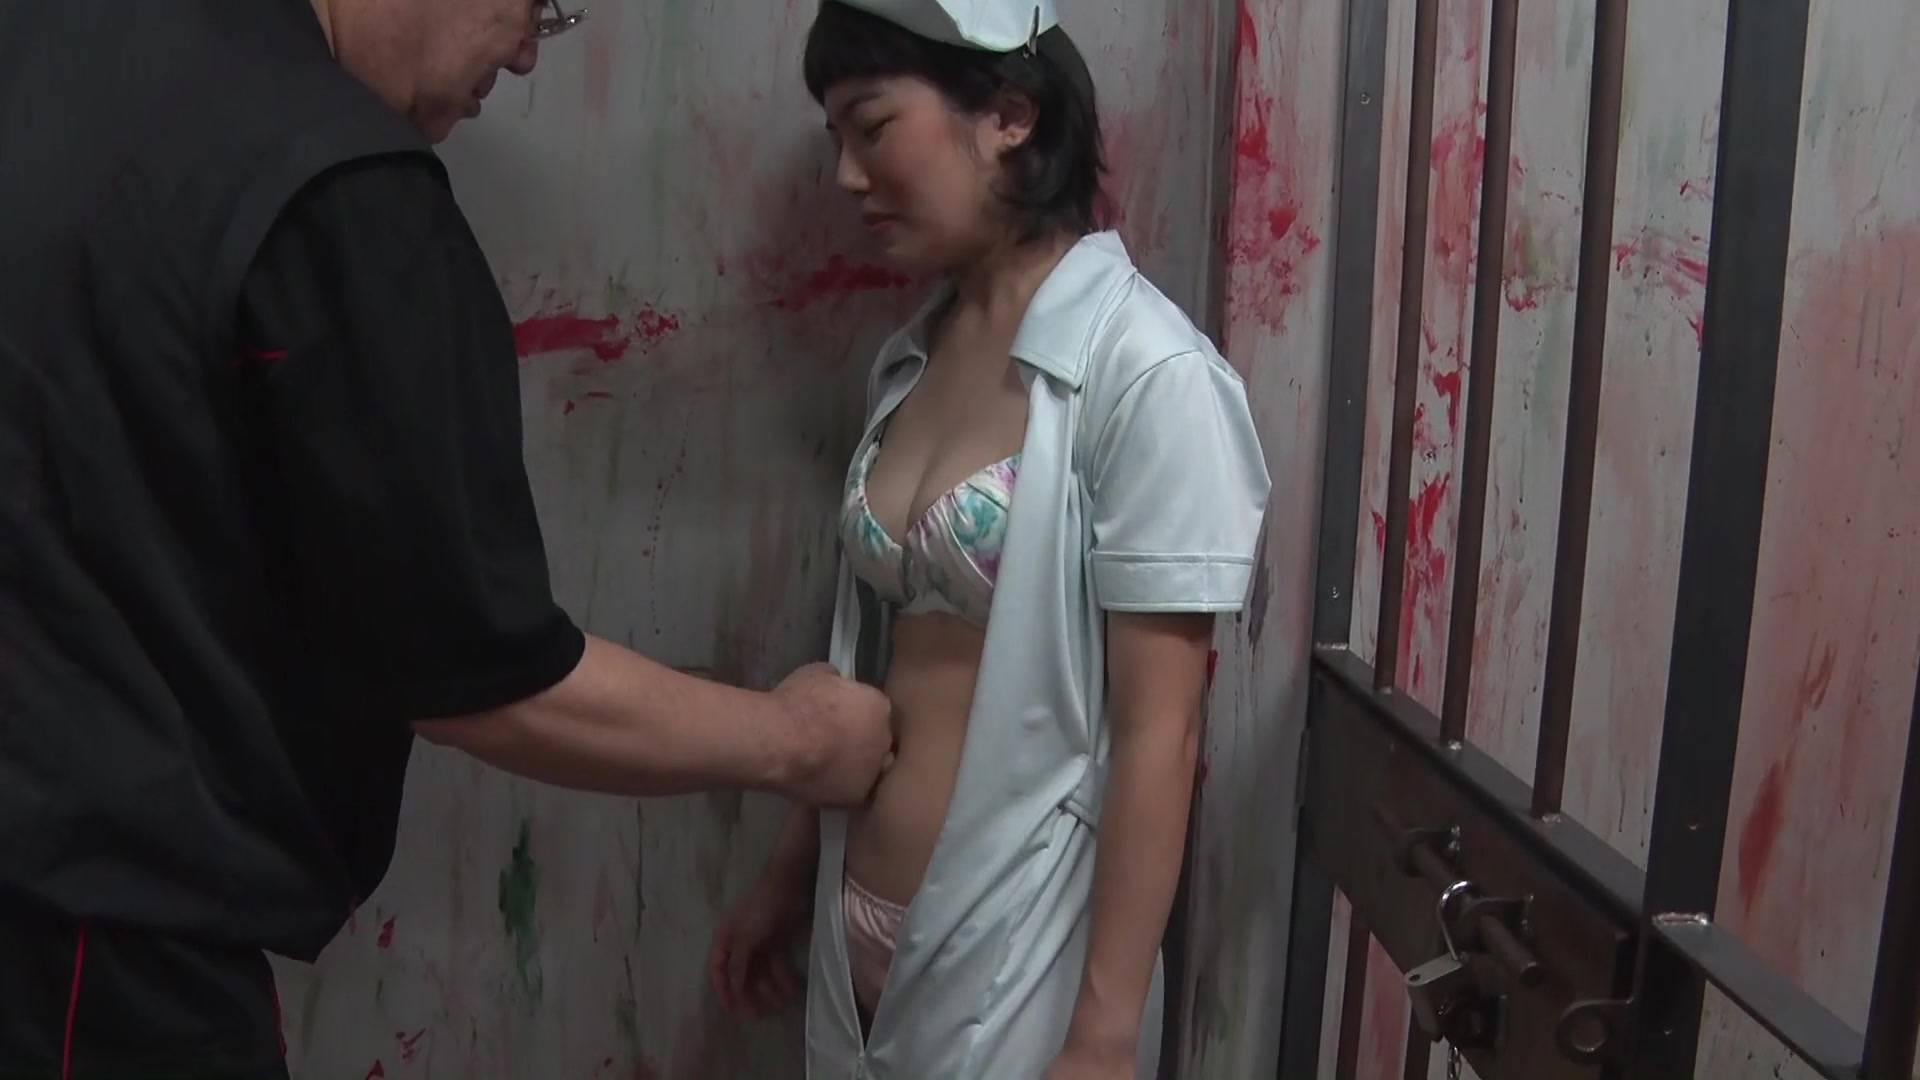 可愛い看護婦さんのお腹を殴ったら最後まで… 2/5 サンプル画像03